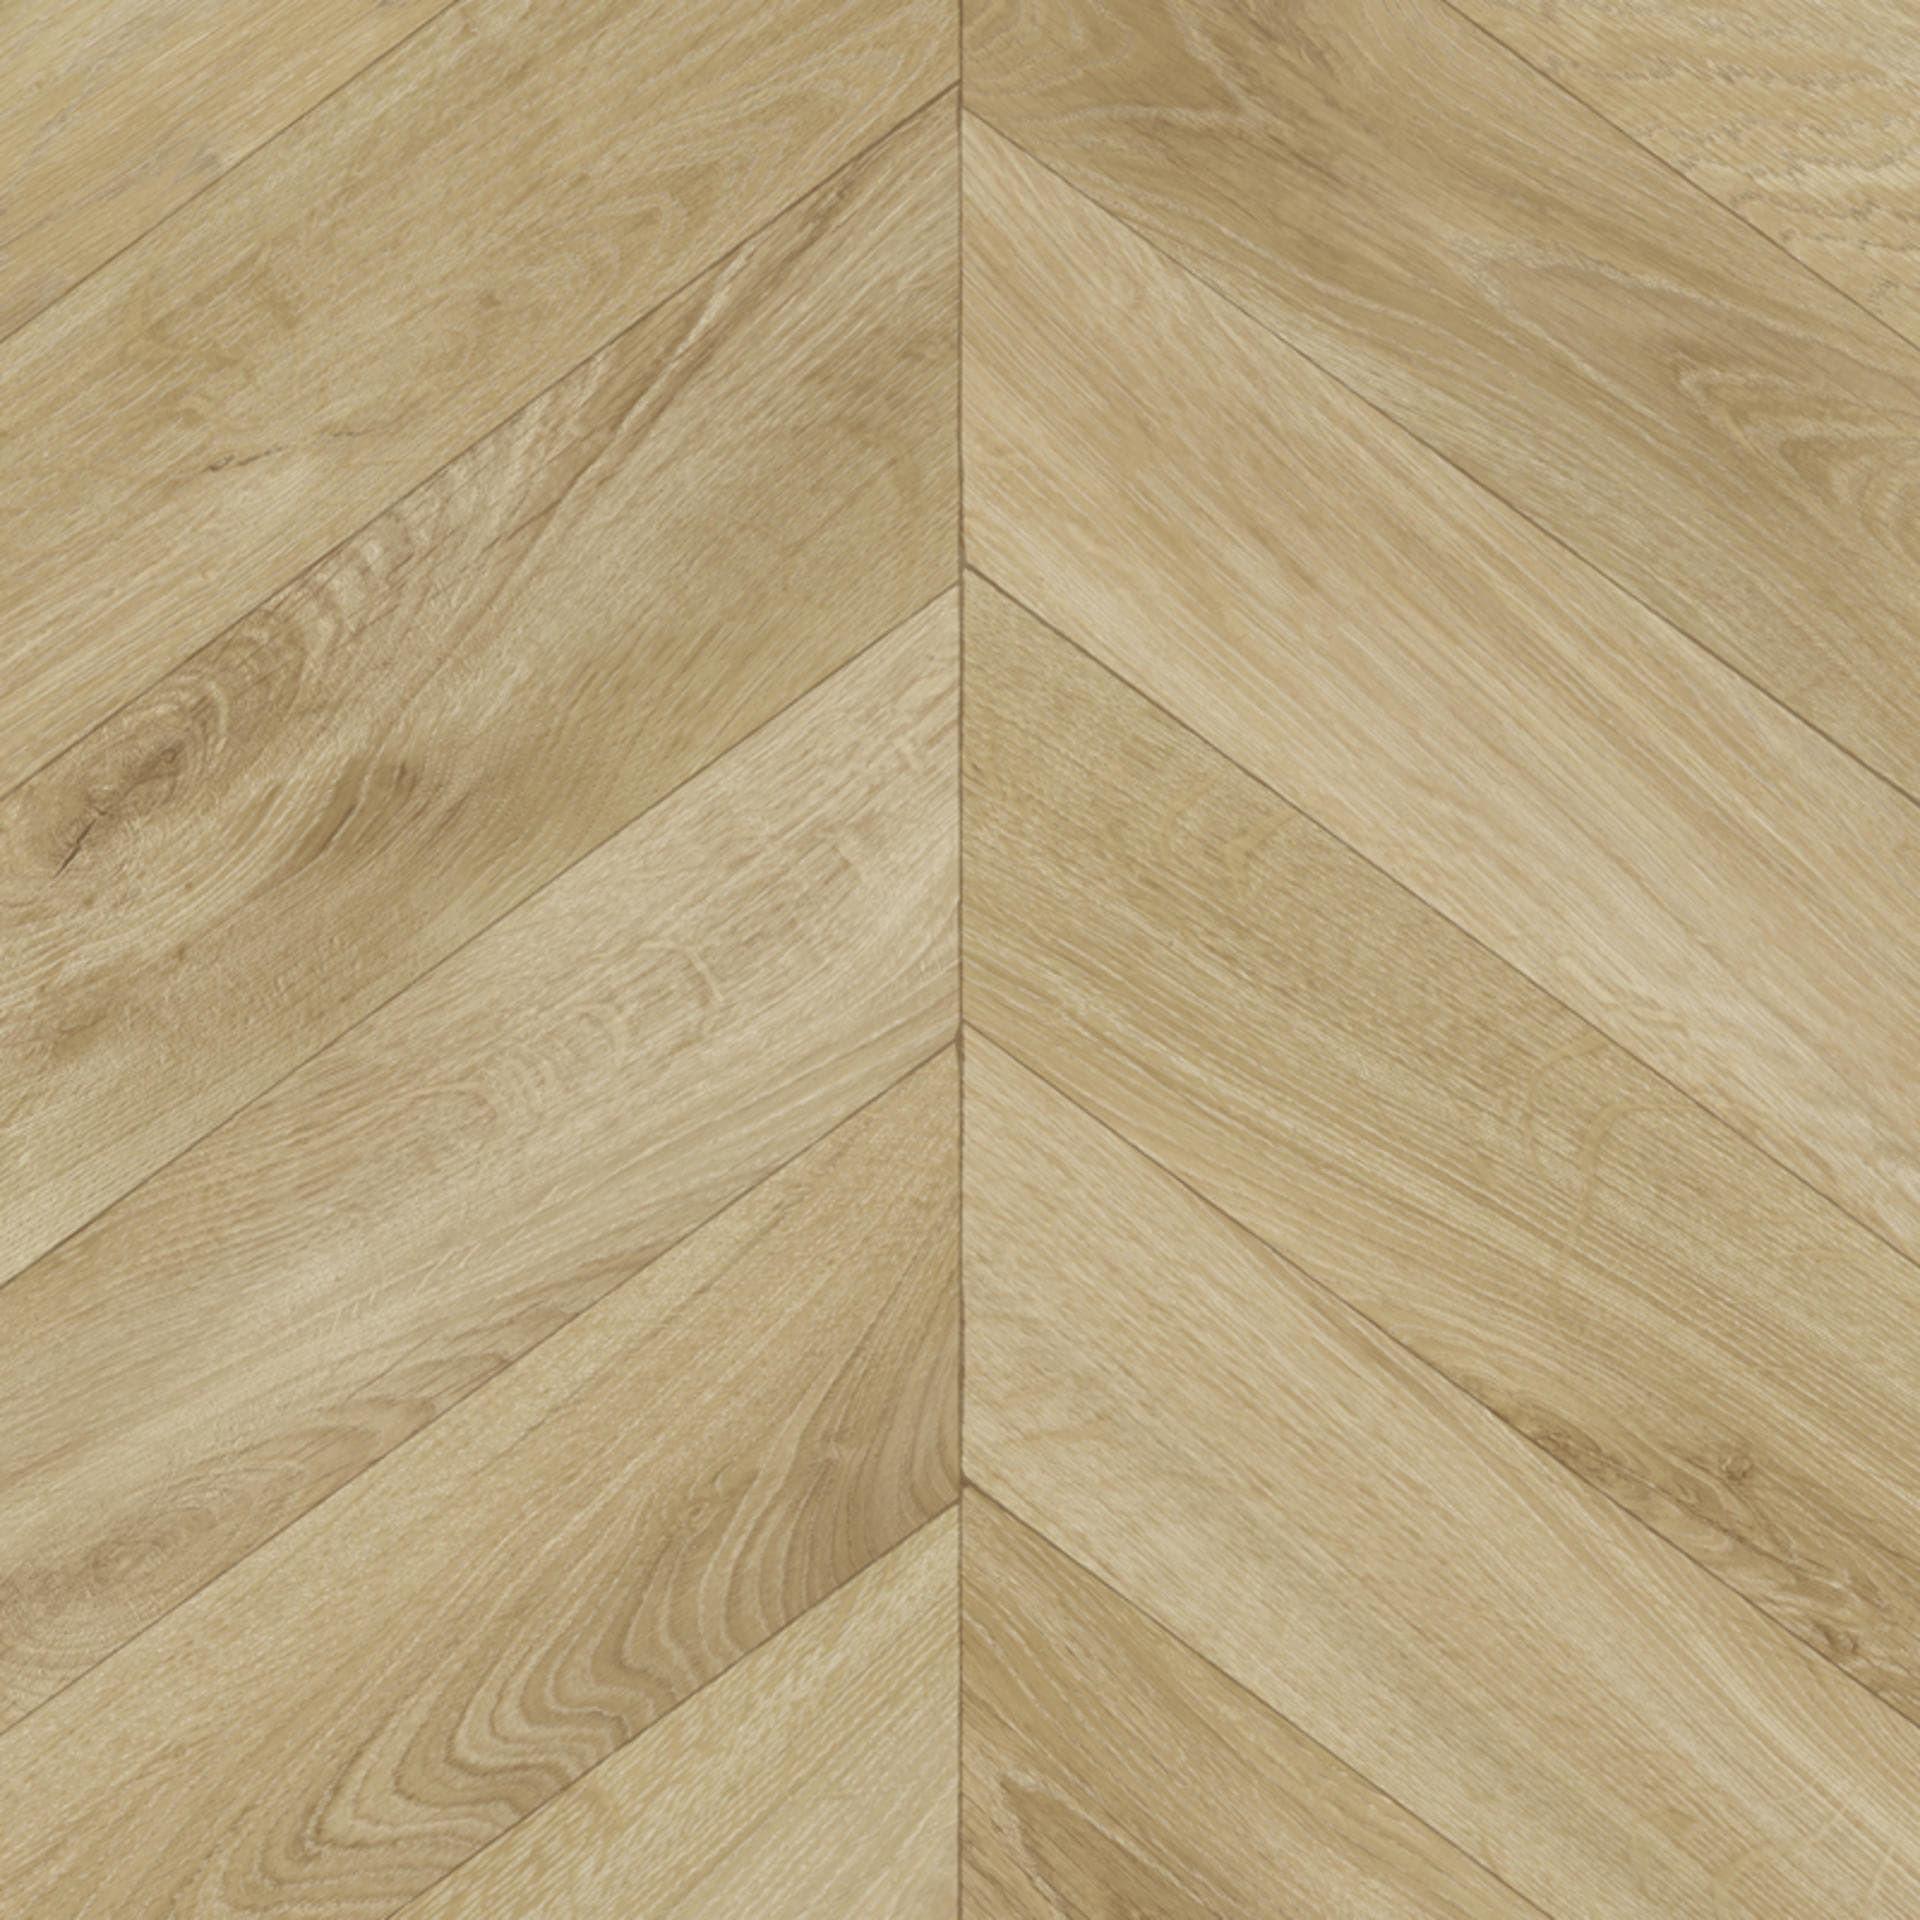 Tarkett Flooring Goliath: Tarkett Texstar